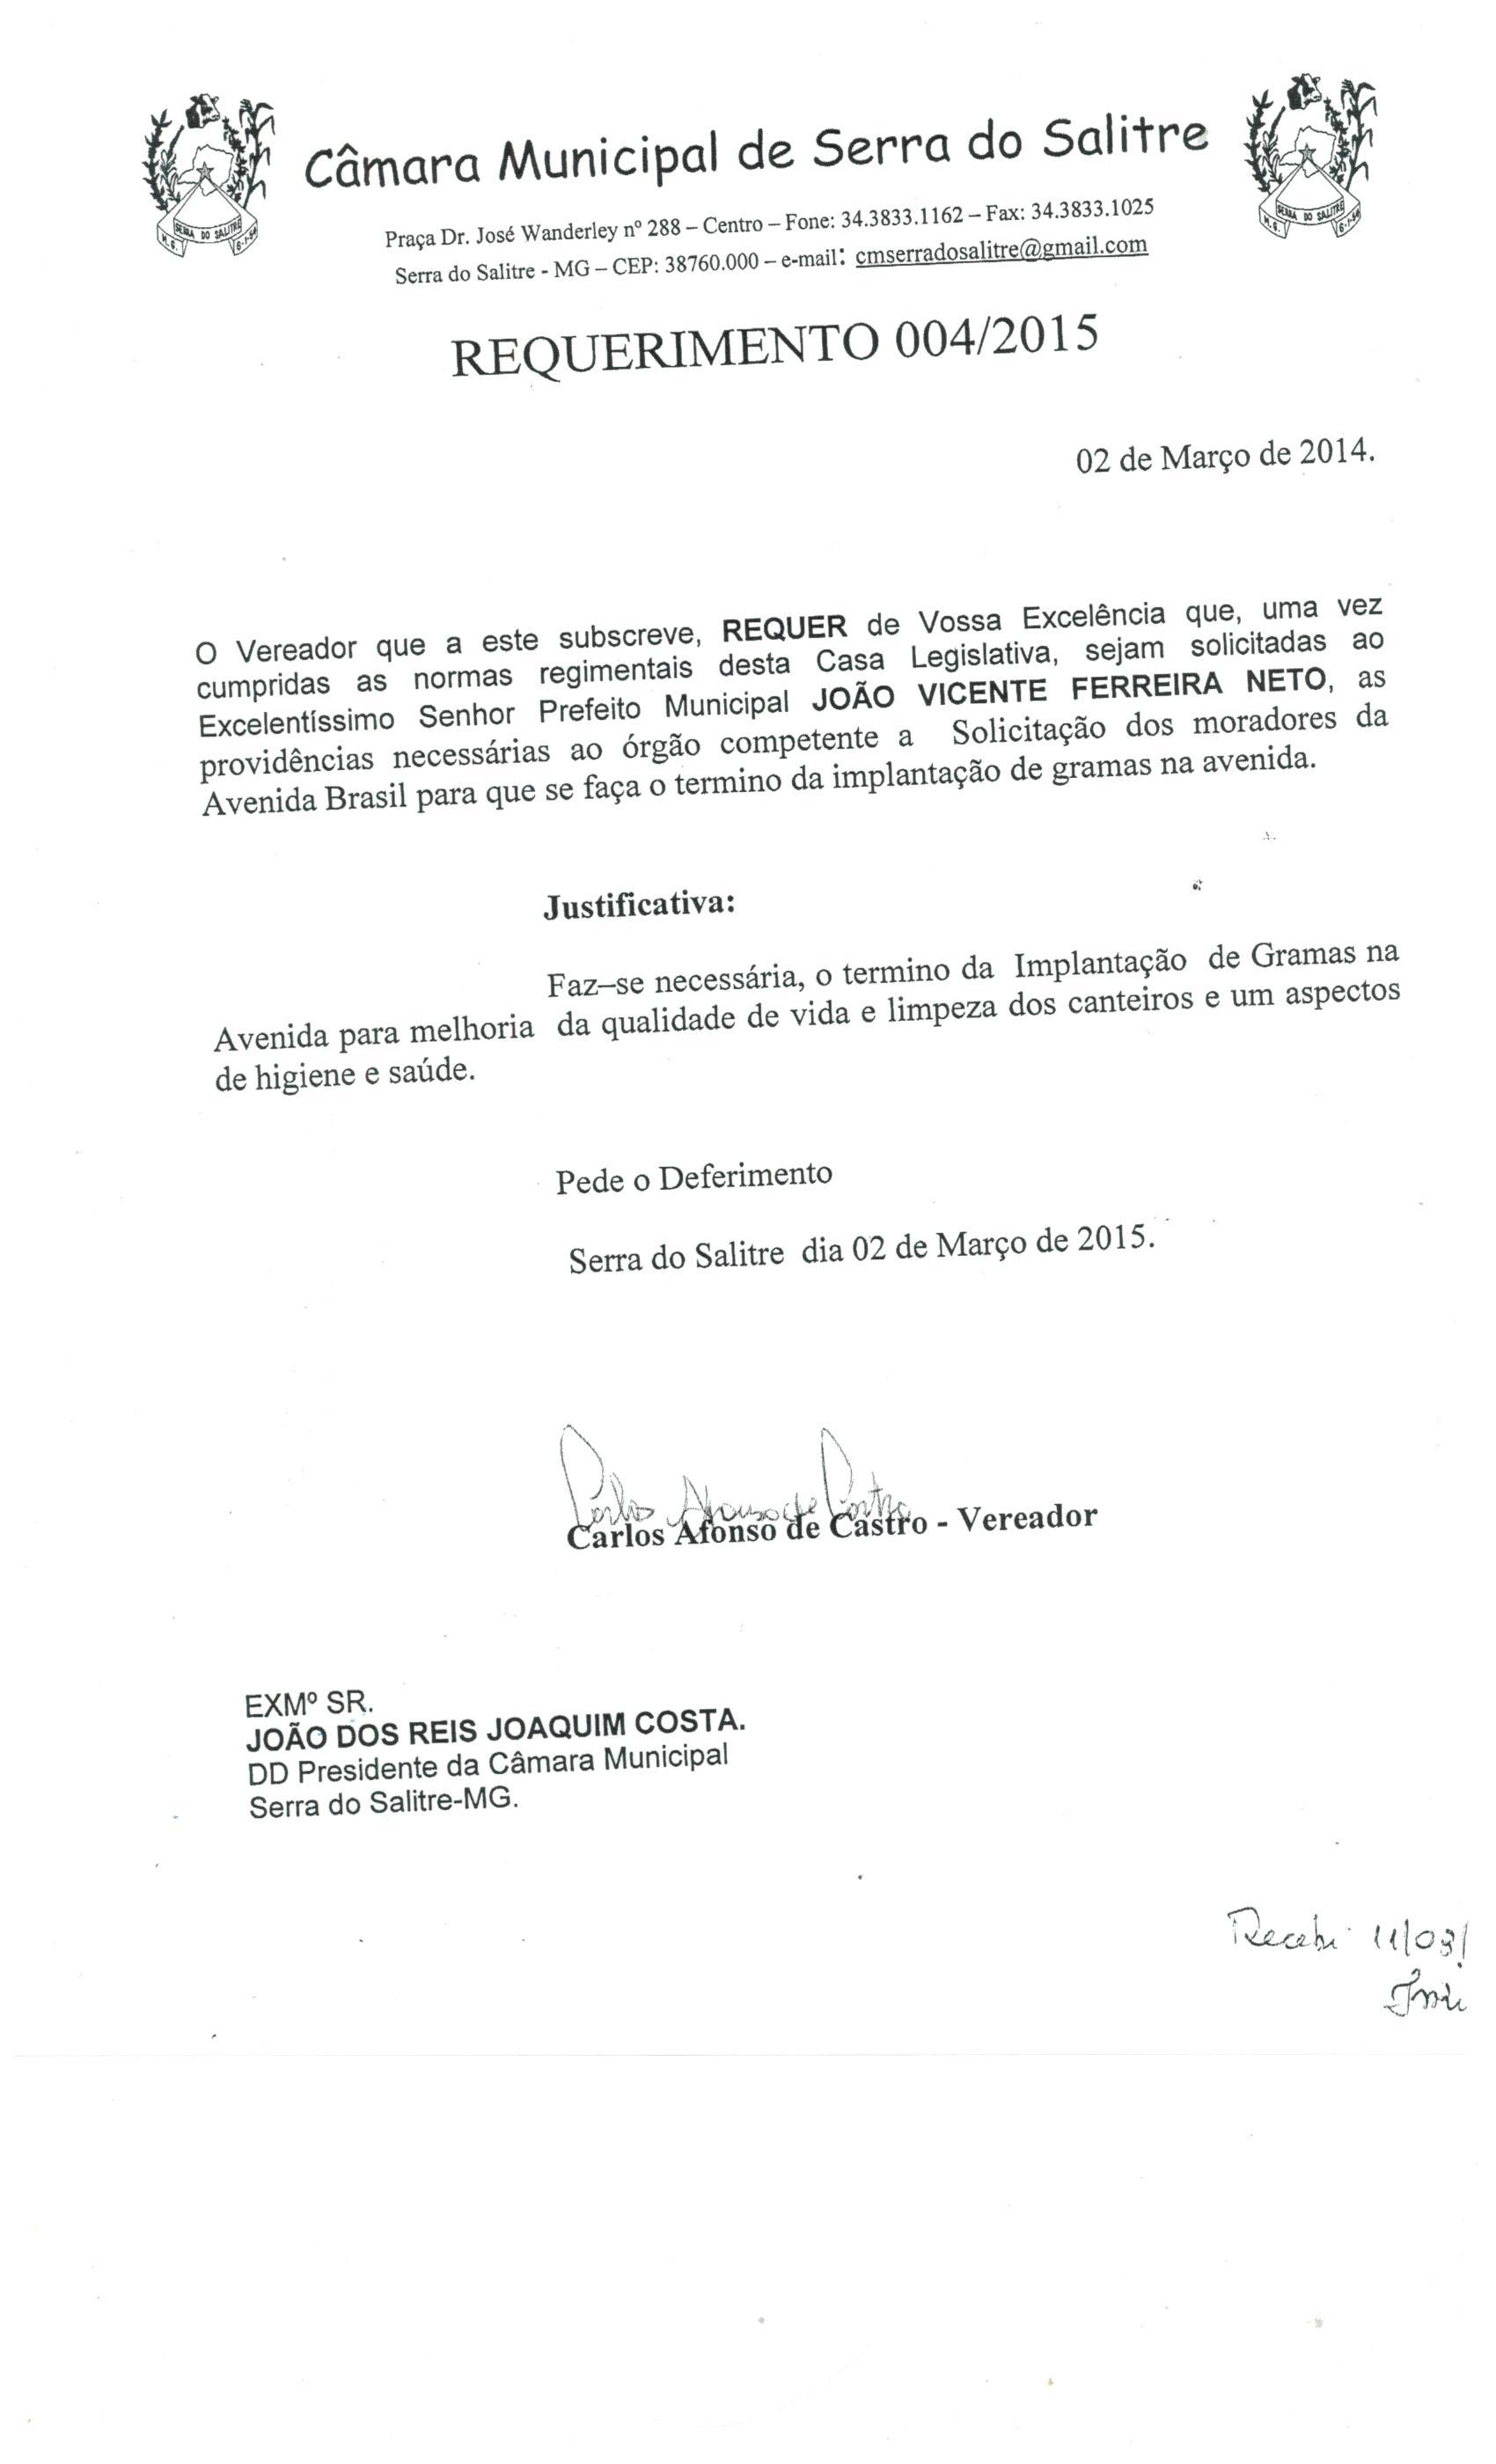 REQUERIMENTO_Nº_4.jpeg